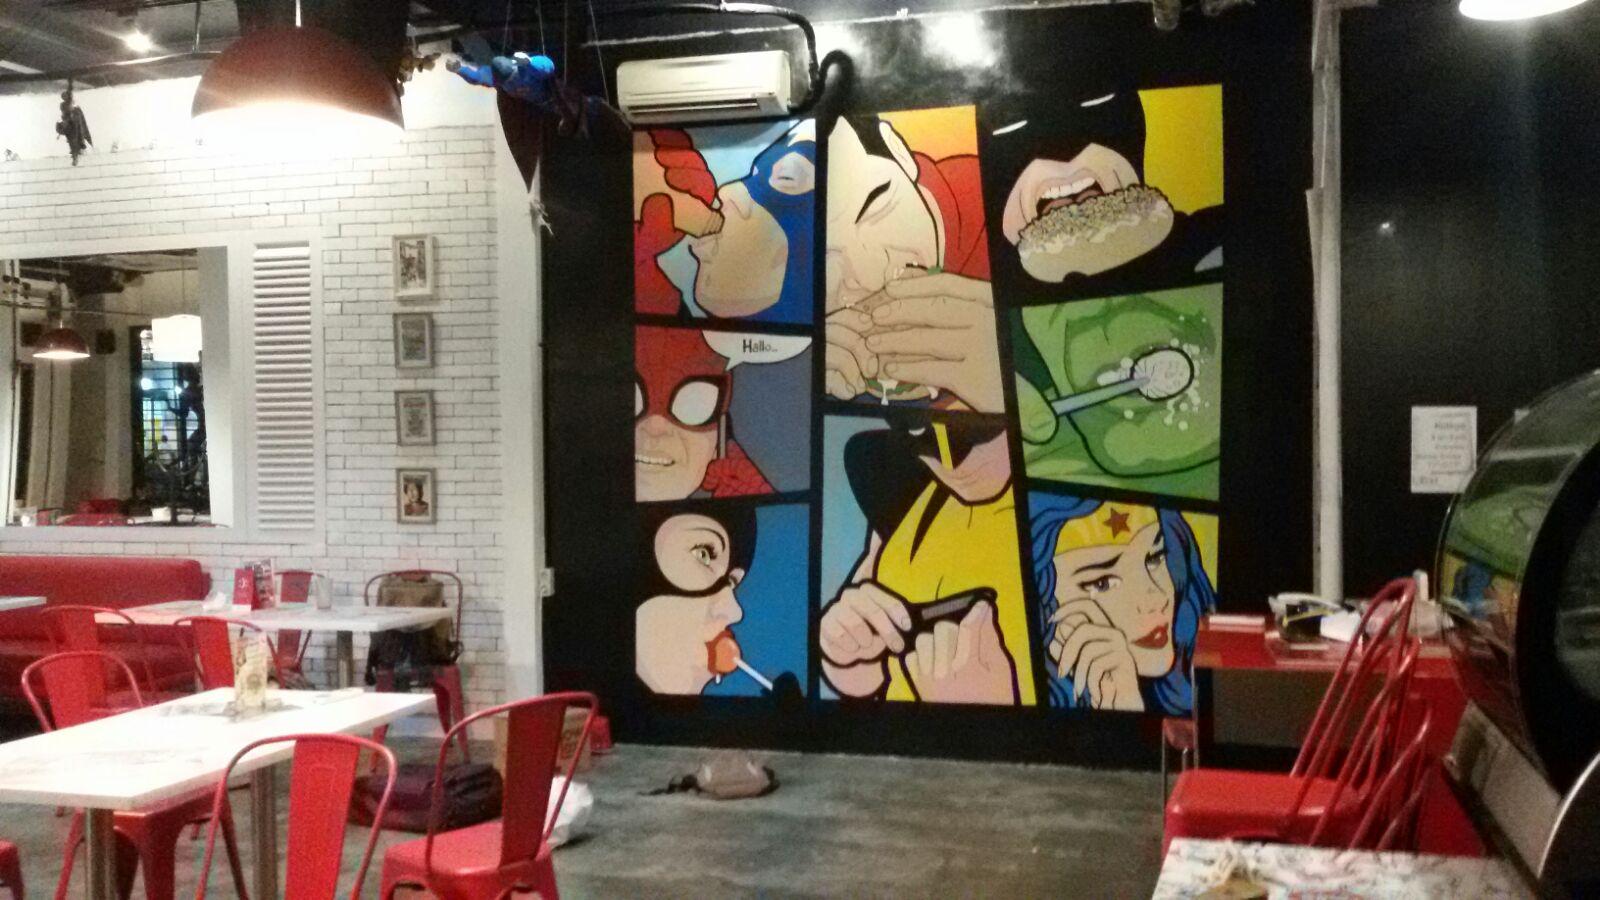 Mural superheroes pop art di interior comic cafe tebet for Mural indonesia